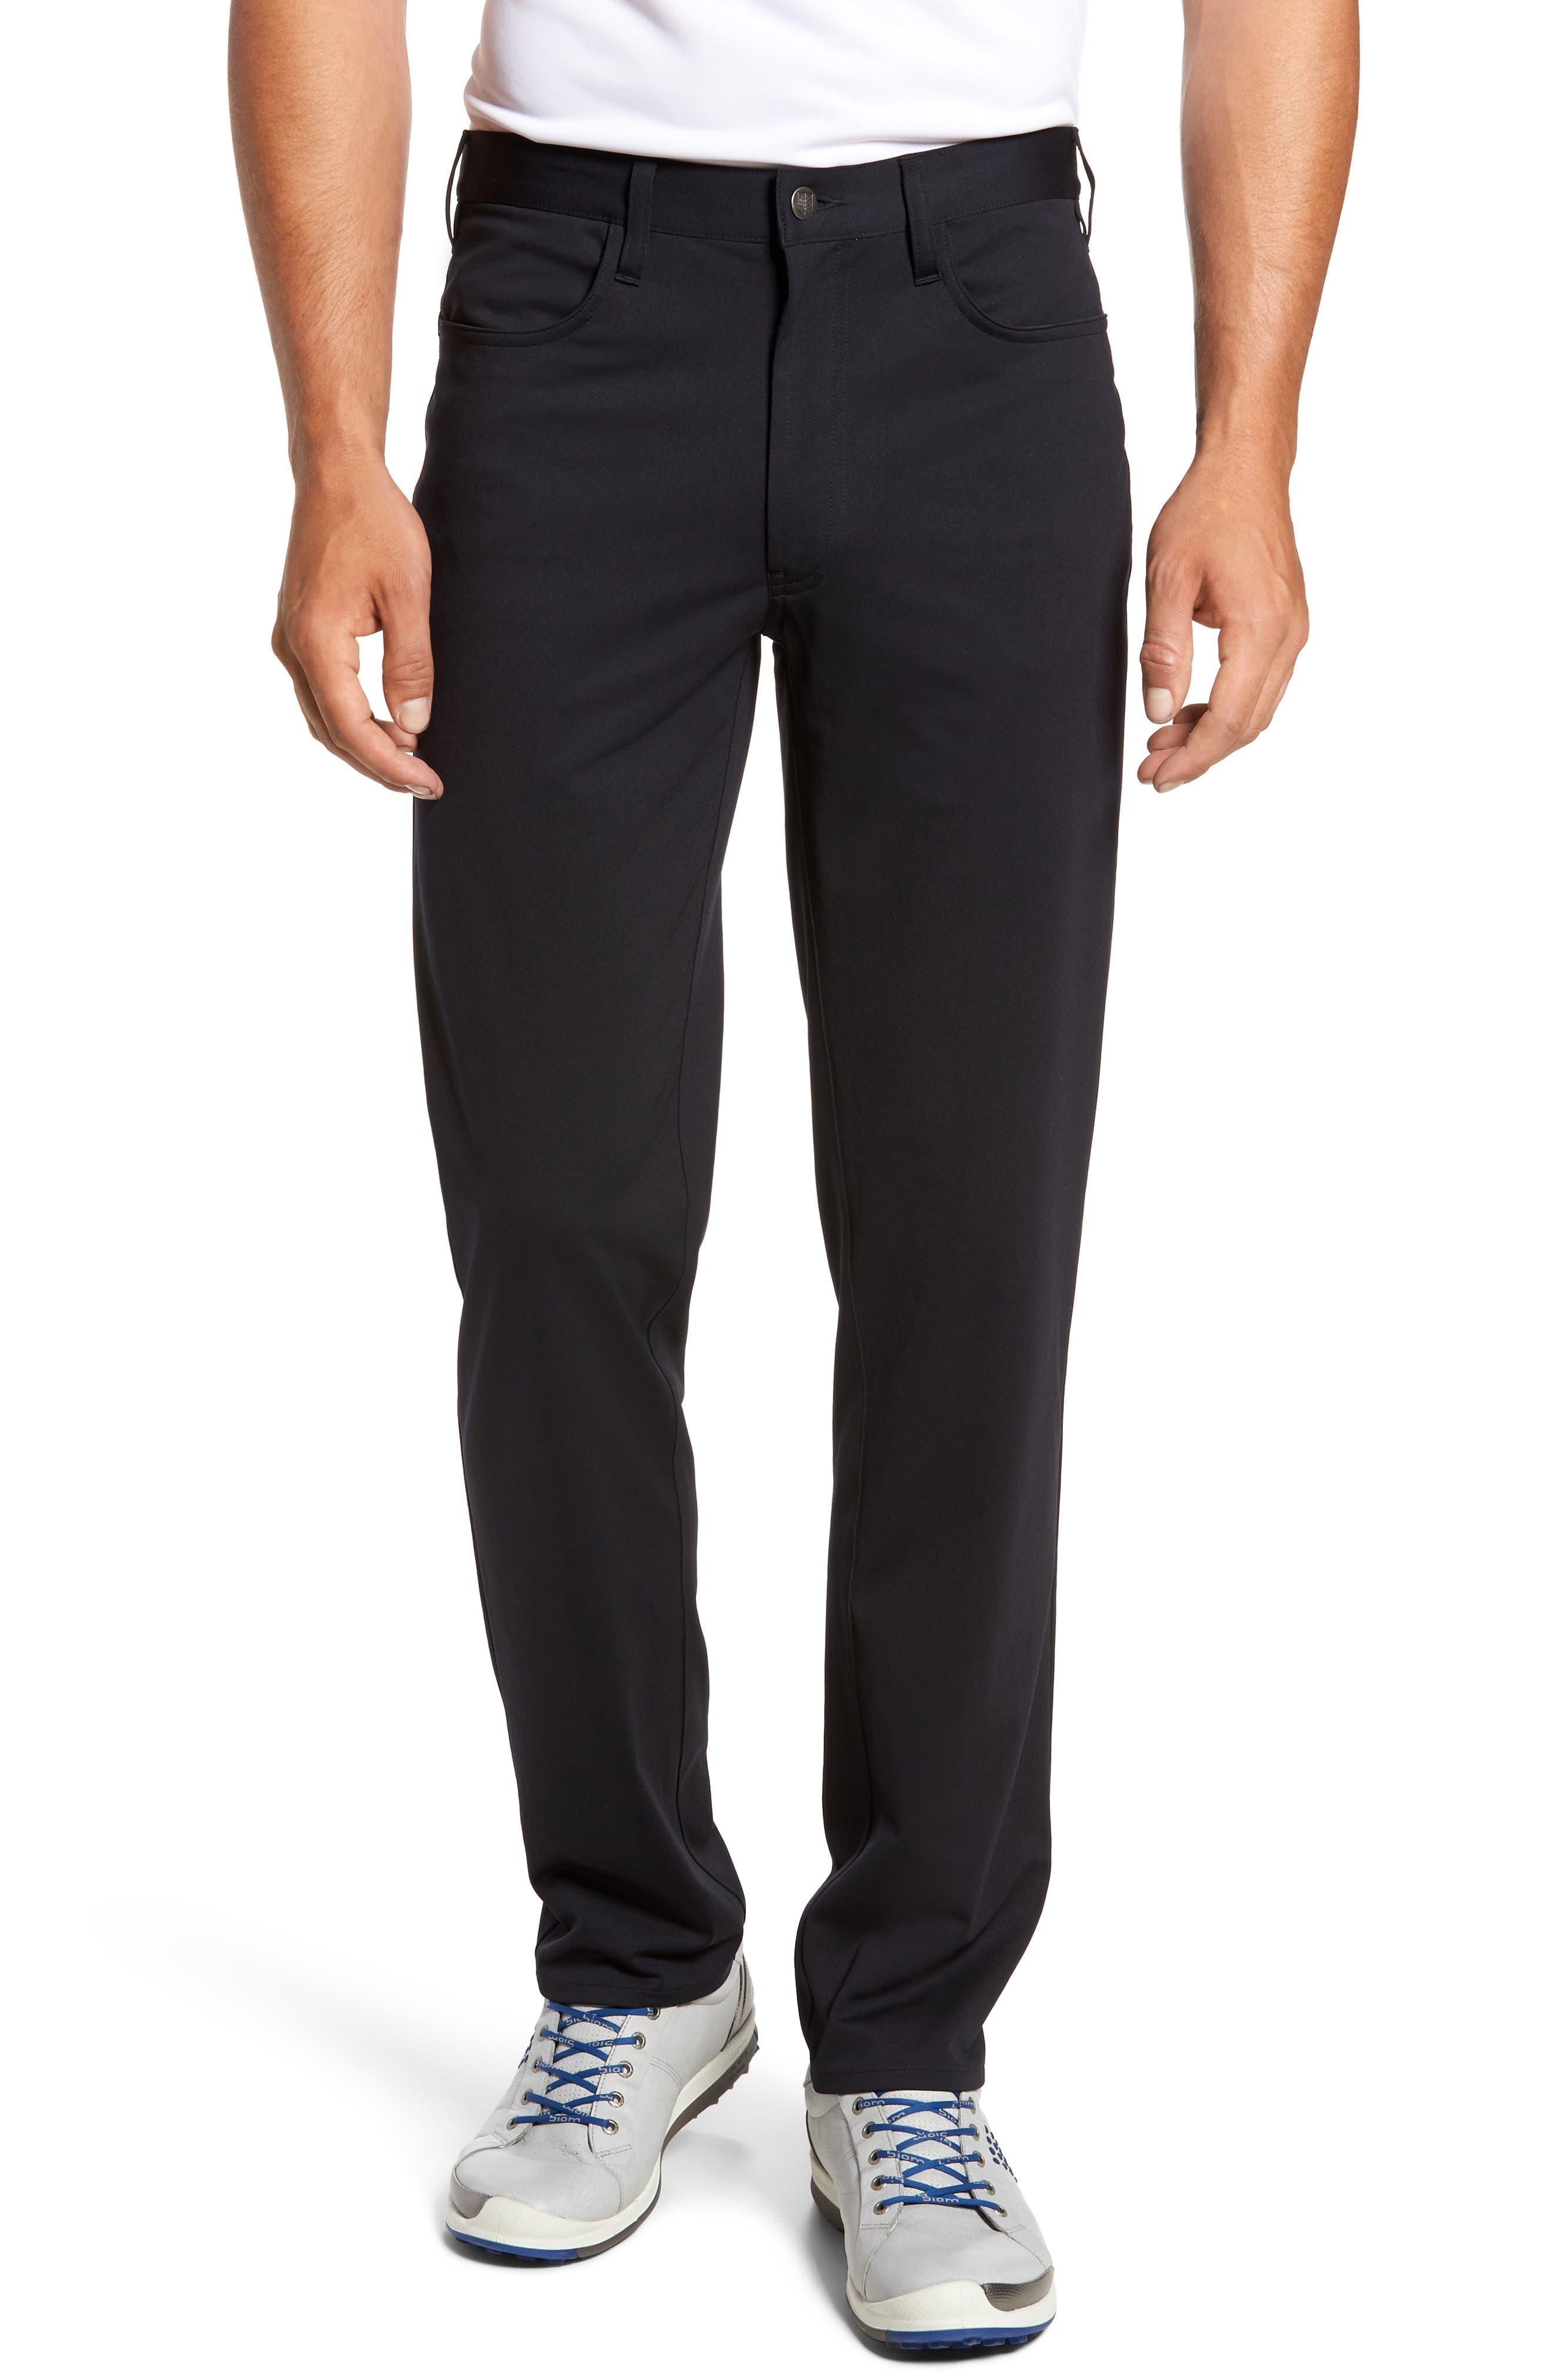 R18 Tech Pants,                         Main,                         color, BLACK